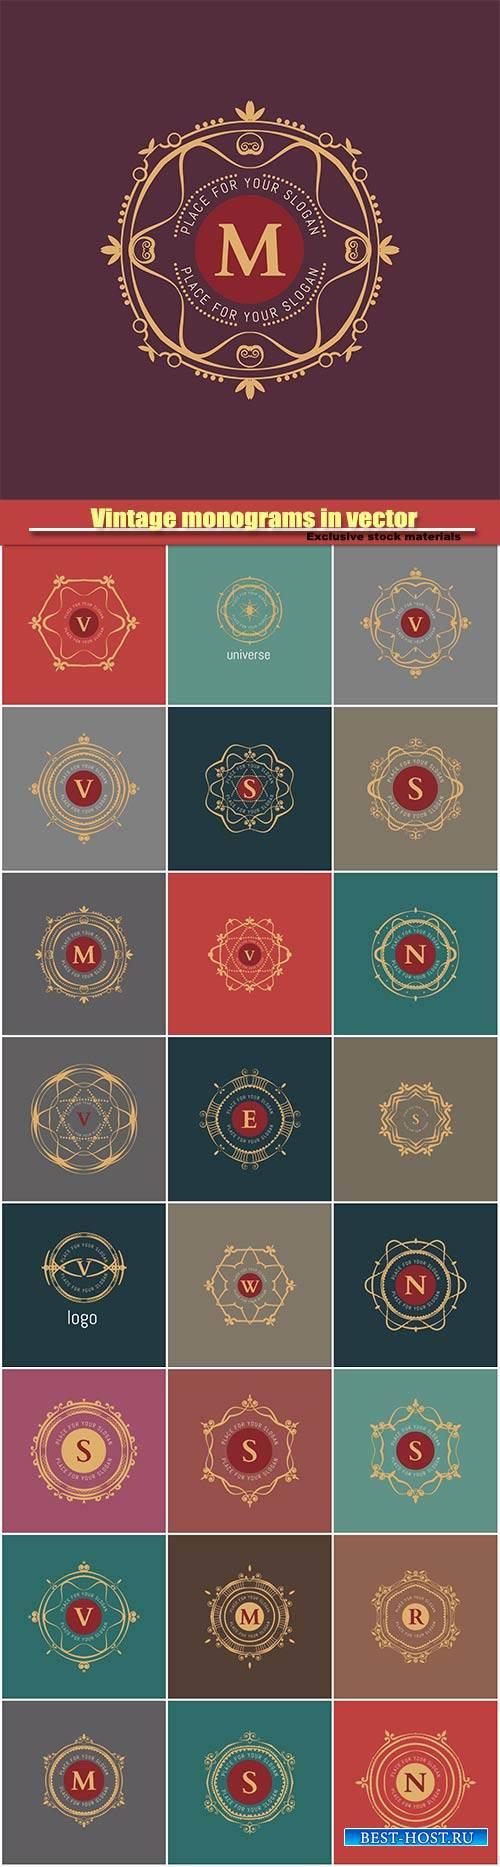 Vintage monograms in vector, logos #3